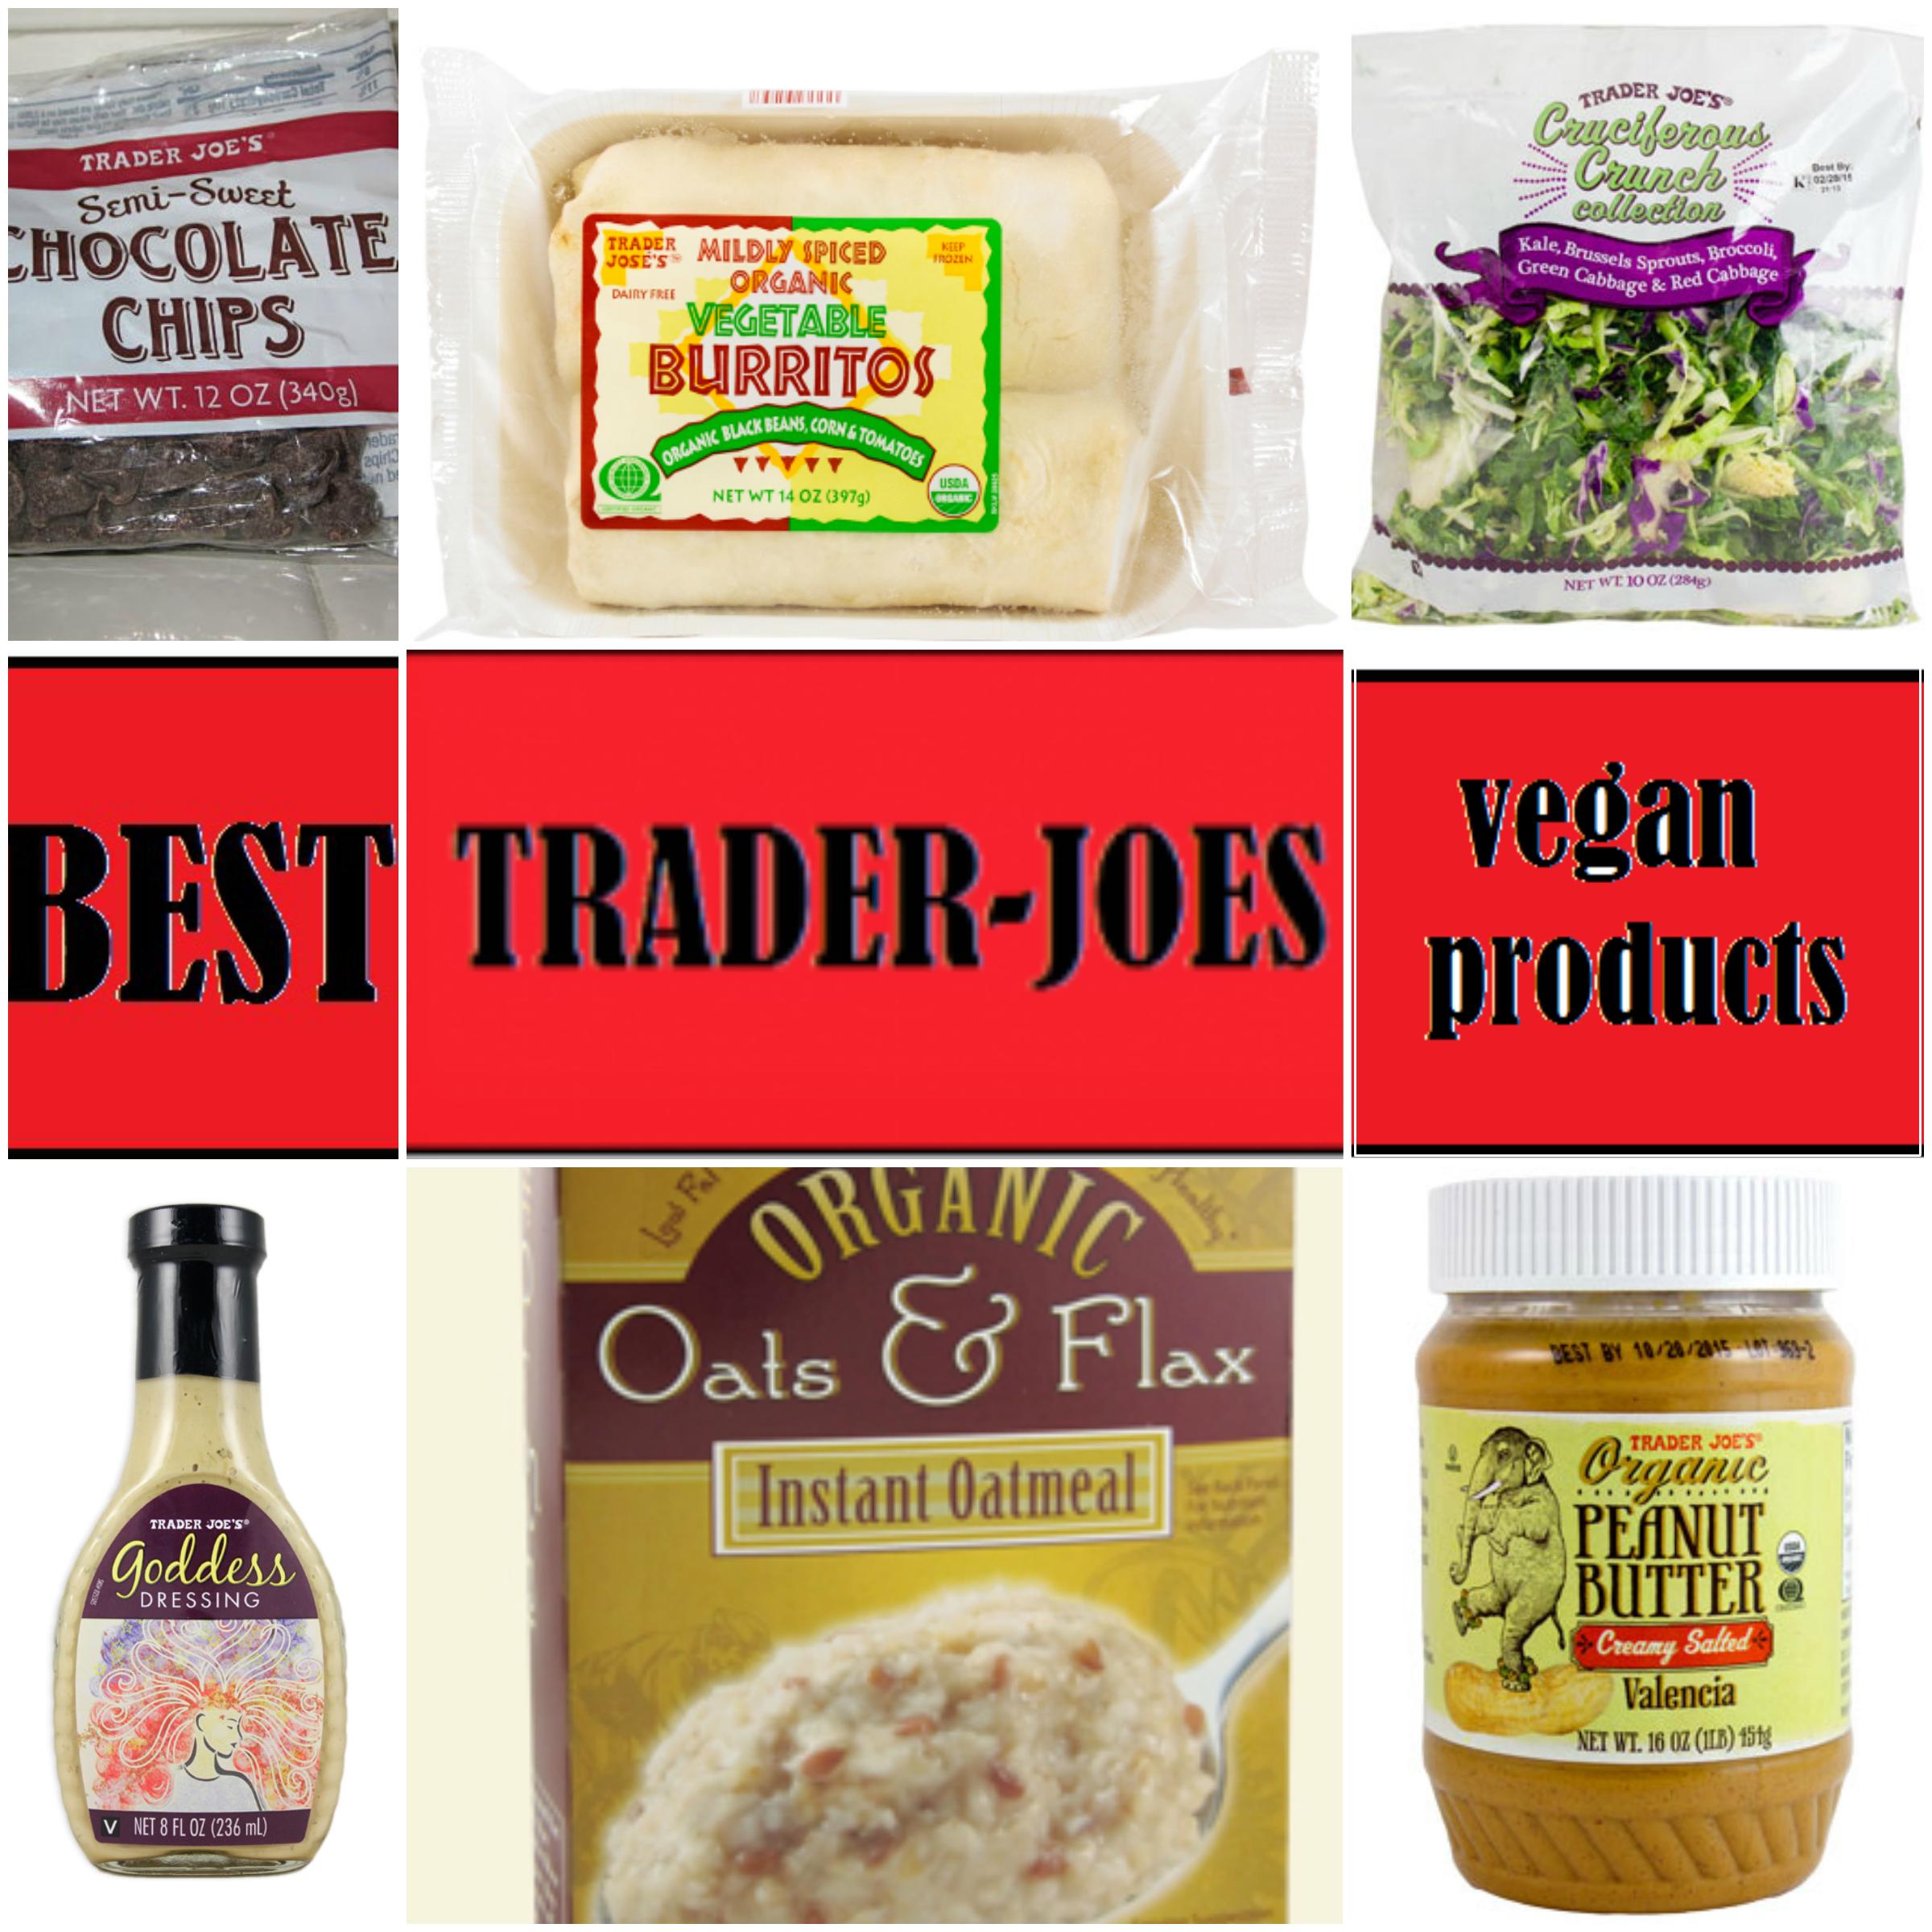 Vegan options at trader joe's